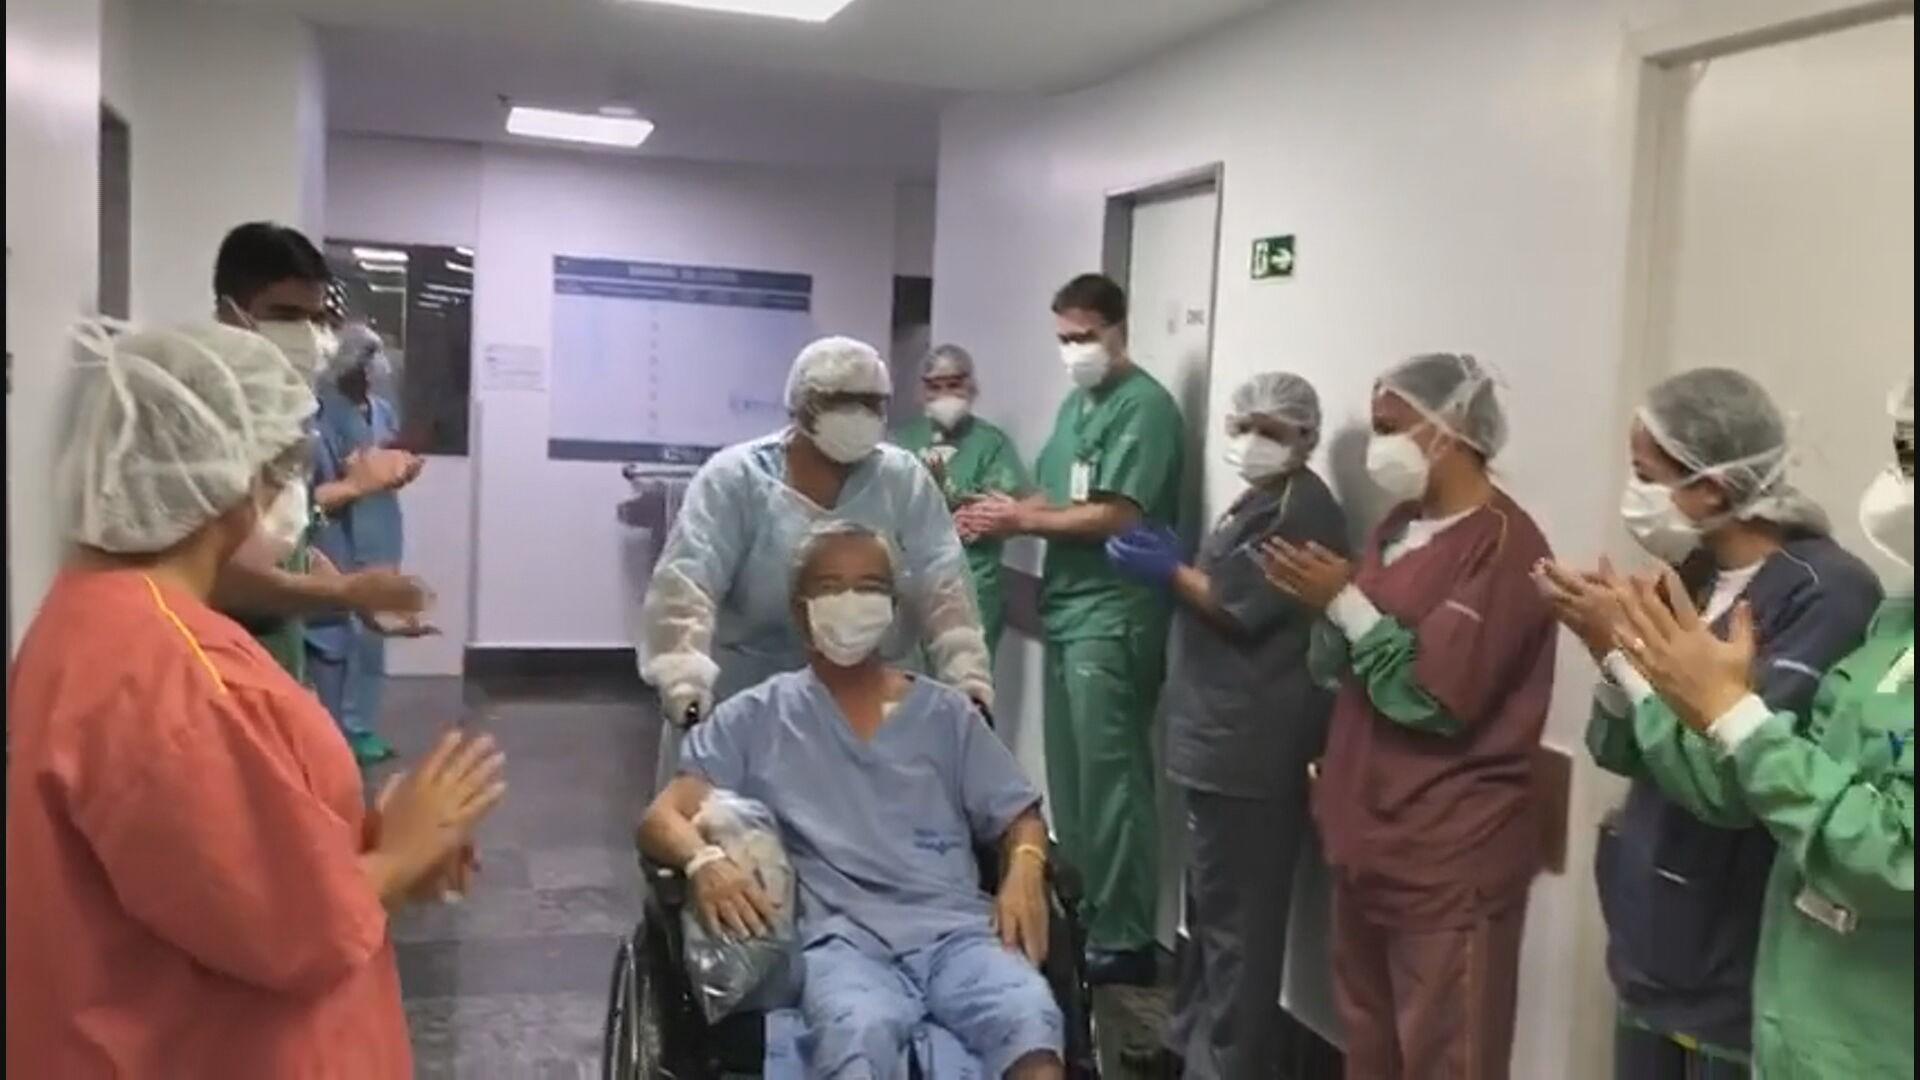 VÍDEO: após ficar 14 dias na UTI, paciente com Covid-19 recebe alta e é aplaudido no DF